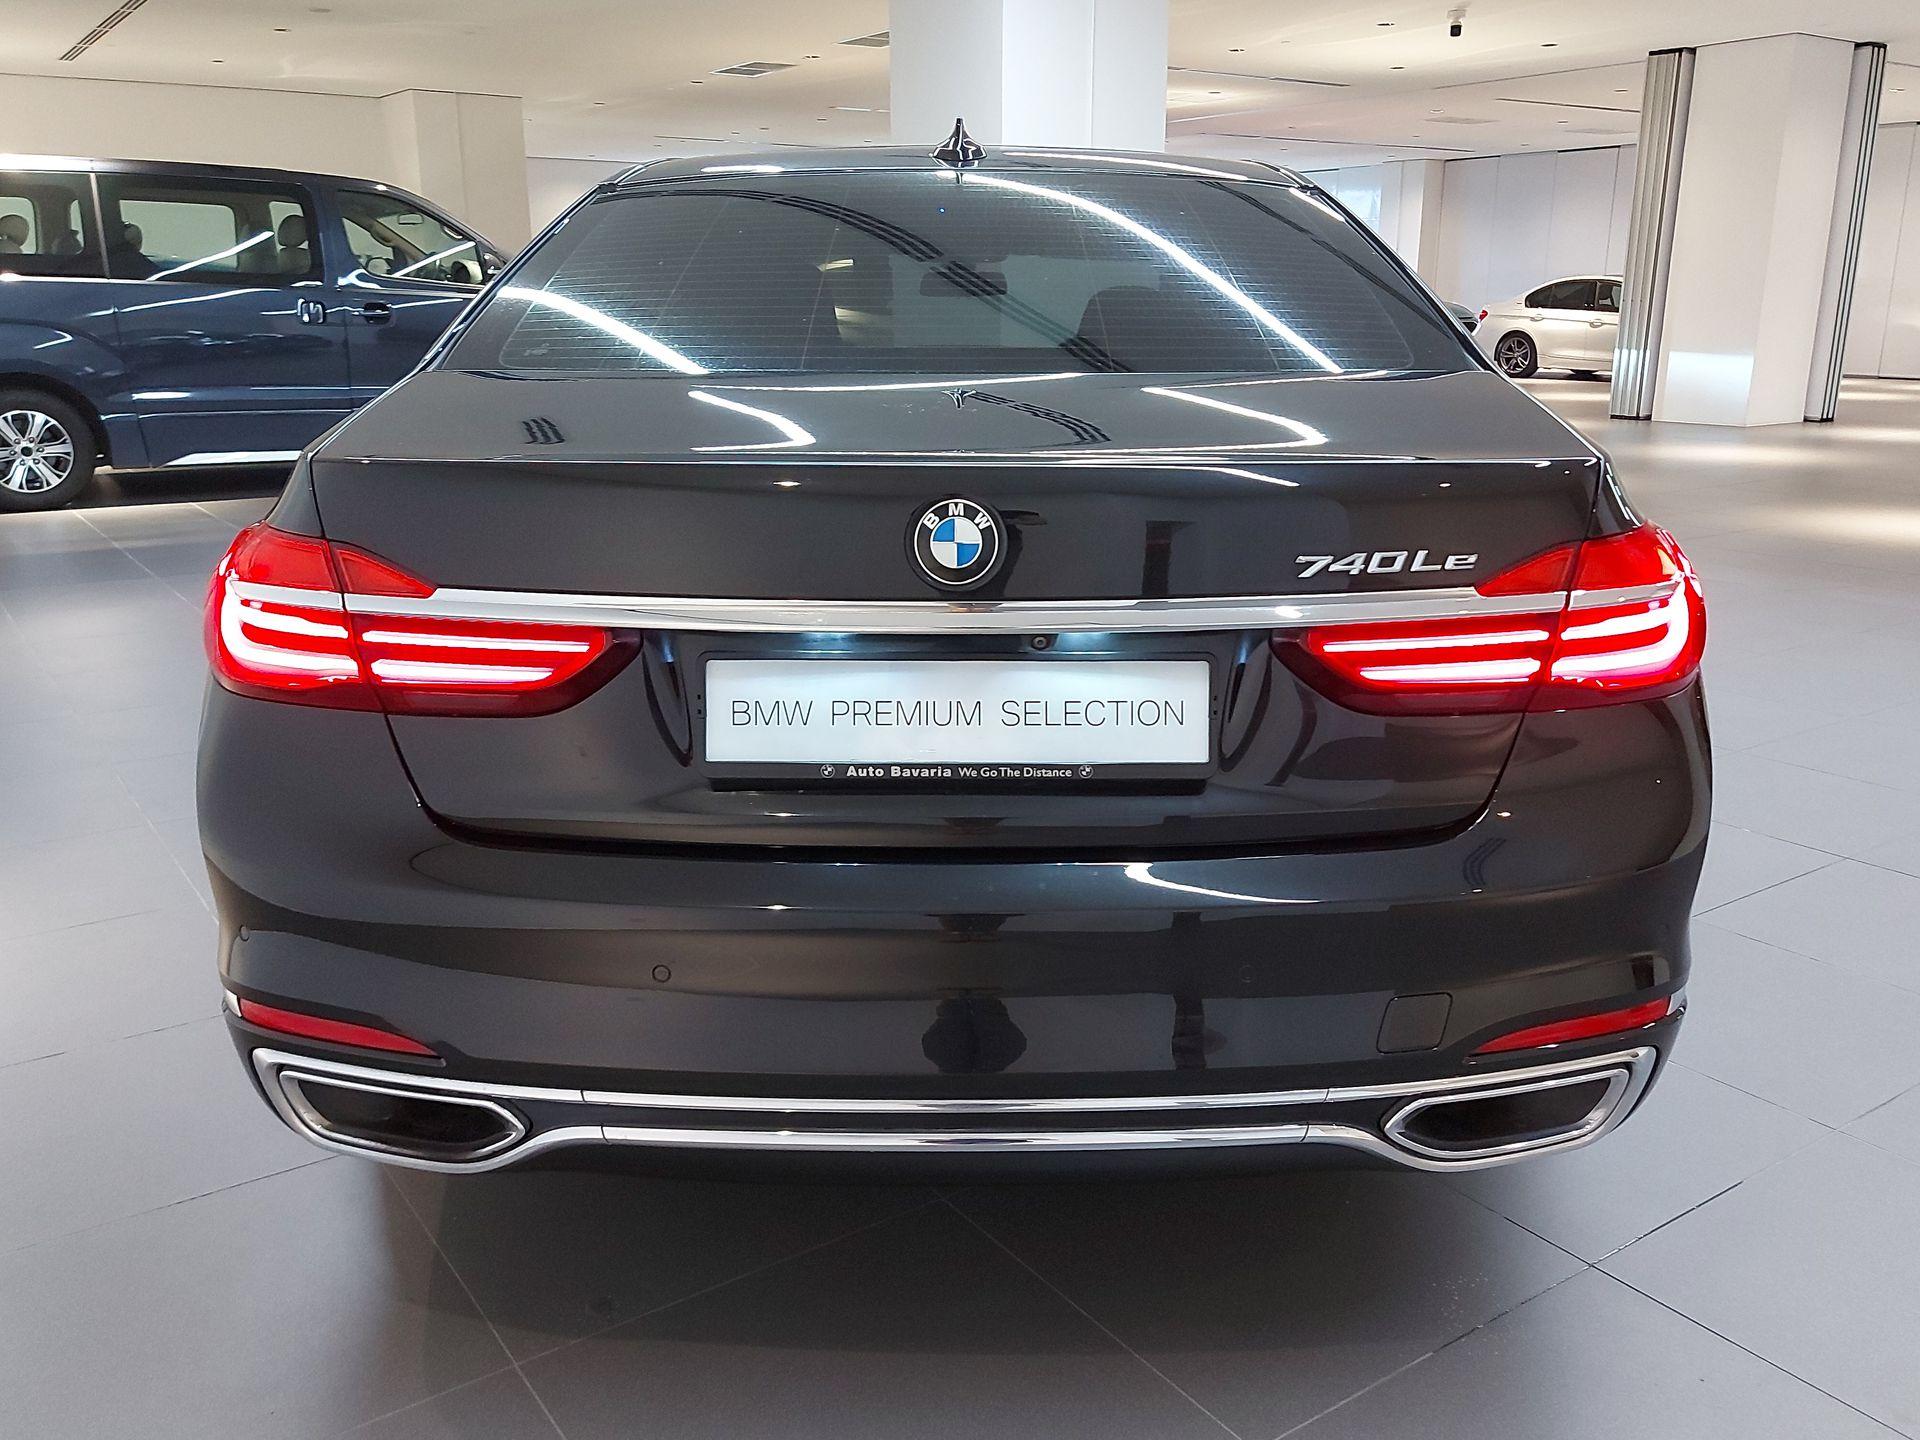 2018 BMW 740Le xDrive